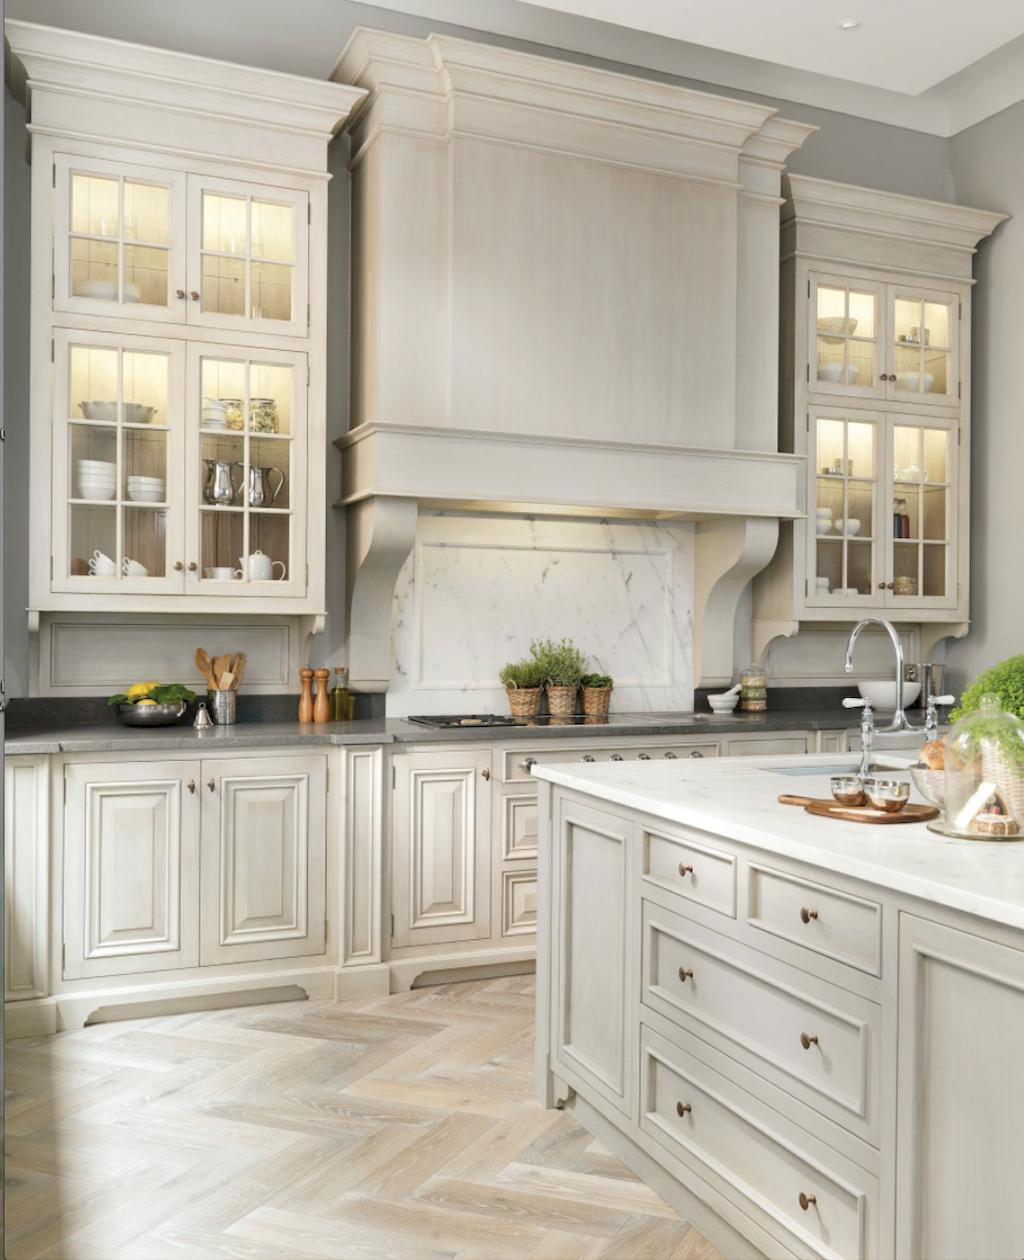 Küchenideen für weiße schränke whitekitchencabinets  kitchen remodel  pinterest